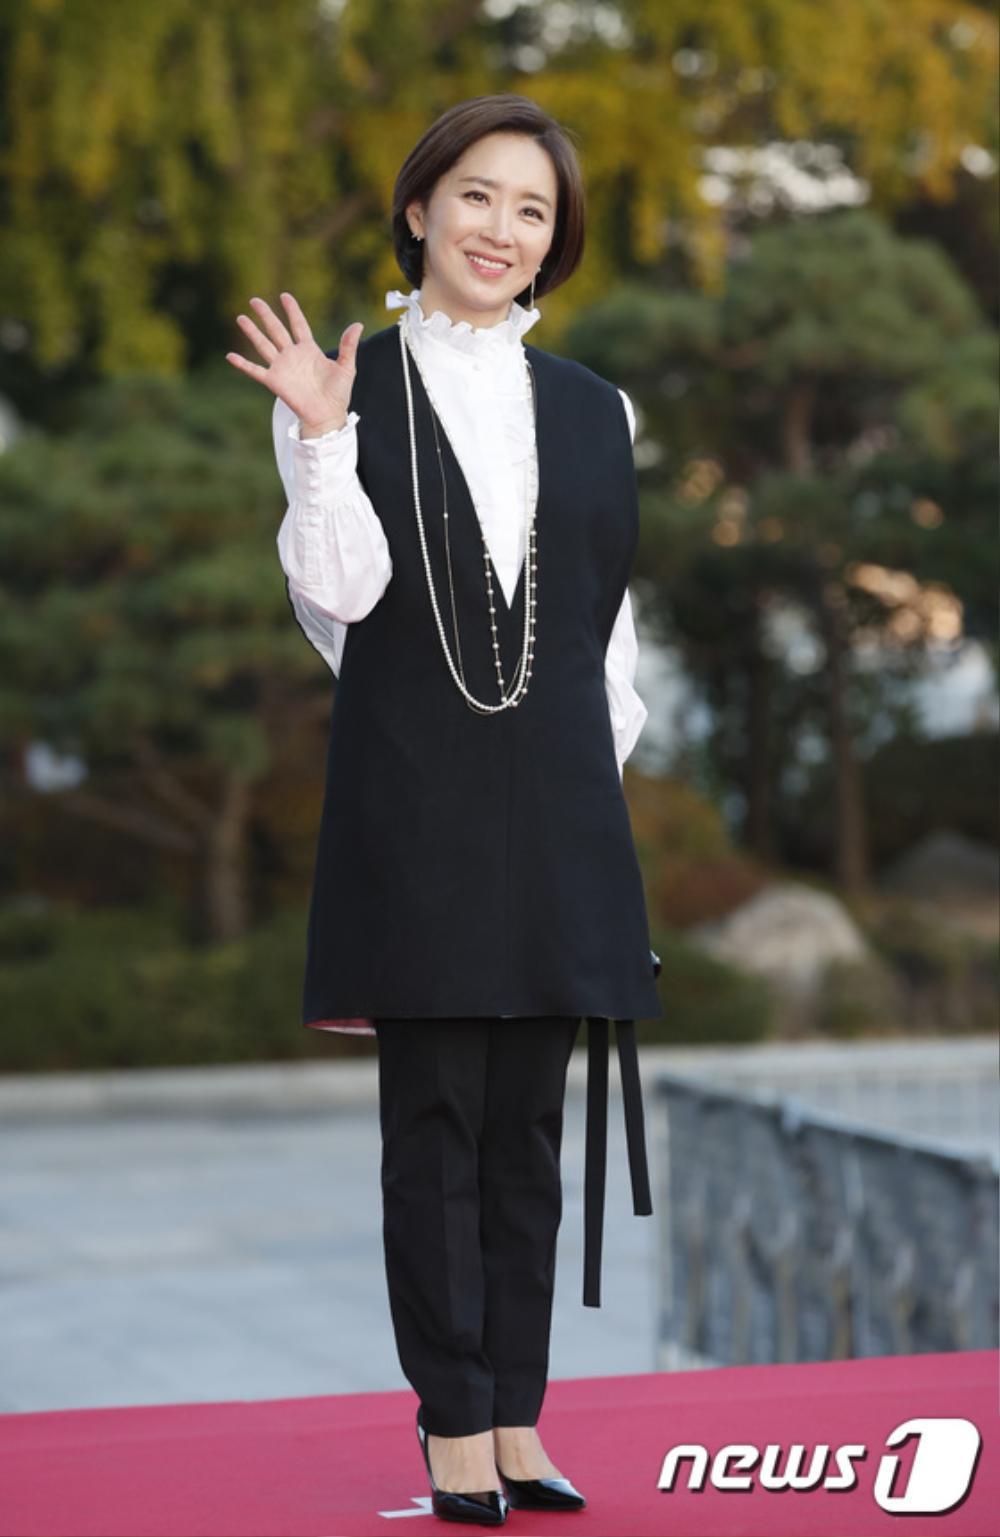 Thảm đỏ hot nhất Hàn Quốc: SEVENTEEN cùng Hyun Bin, Gong Hyo Jin, Kim Hee Ae và Kang Ha Neul gây sốt Ảnh 20